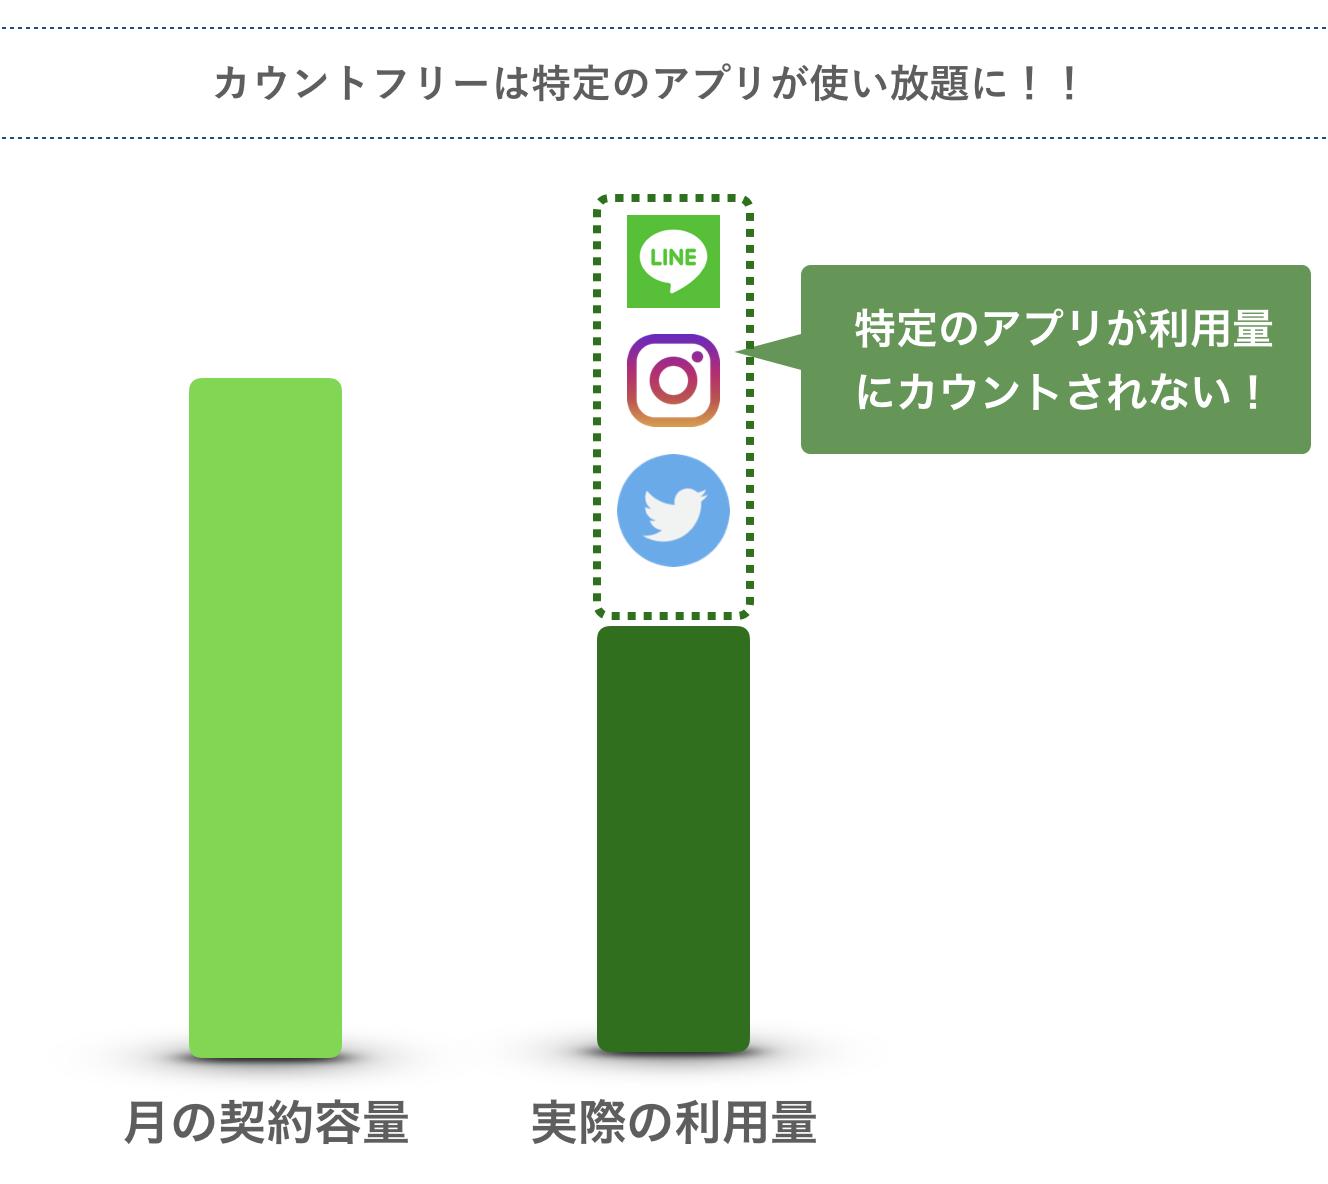 カウントフリーの格安SIMは特定のアプリの利用料がノーカウント